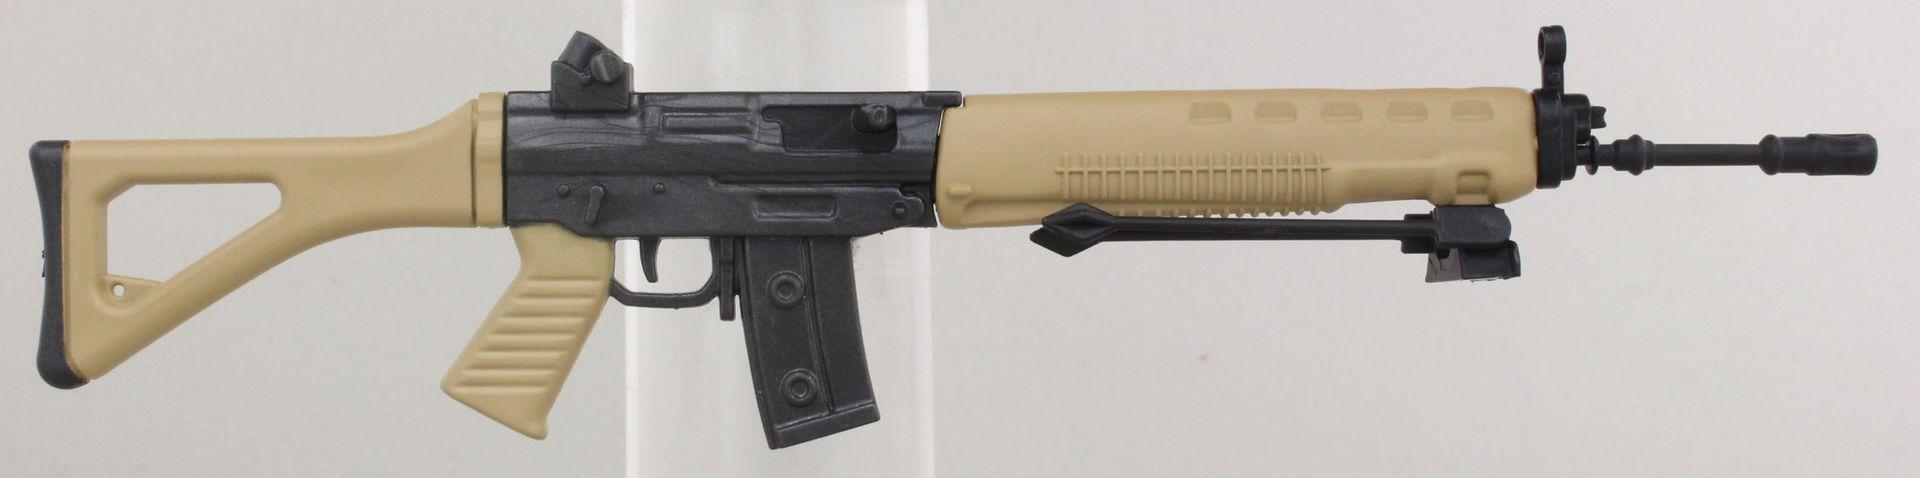 SG550 自動小銃